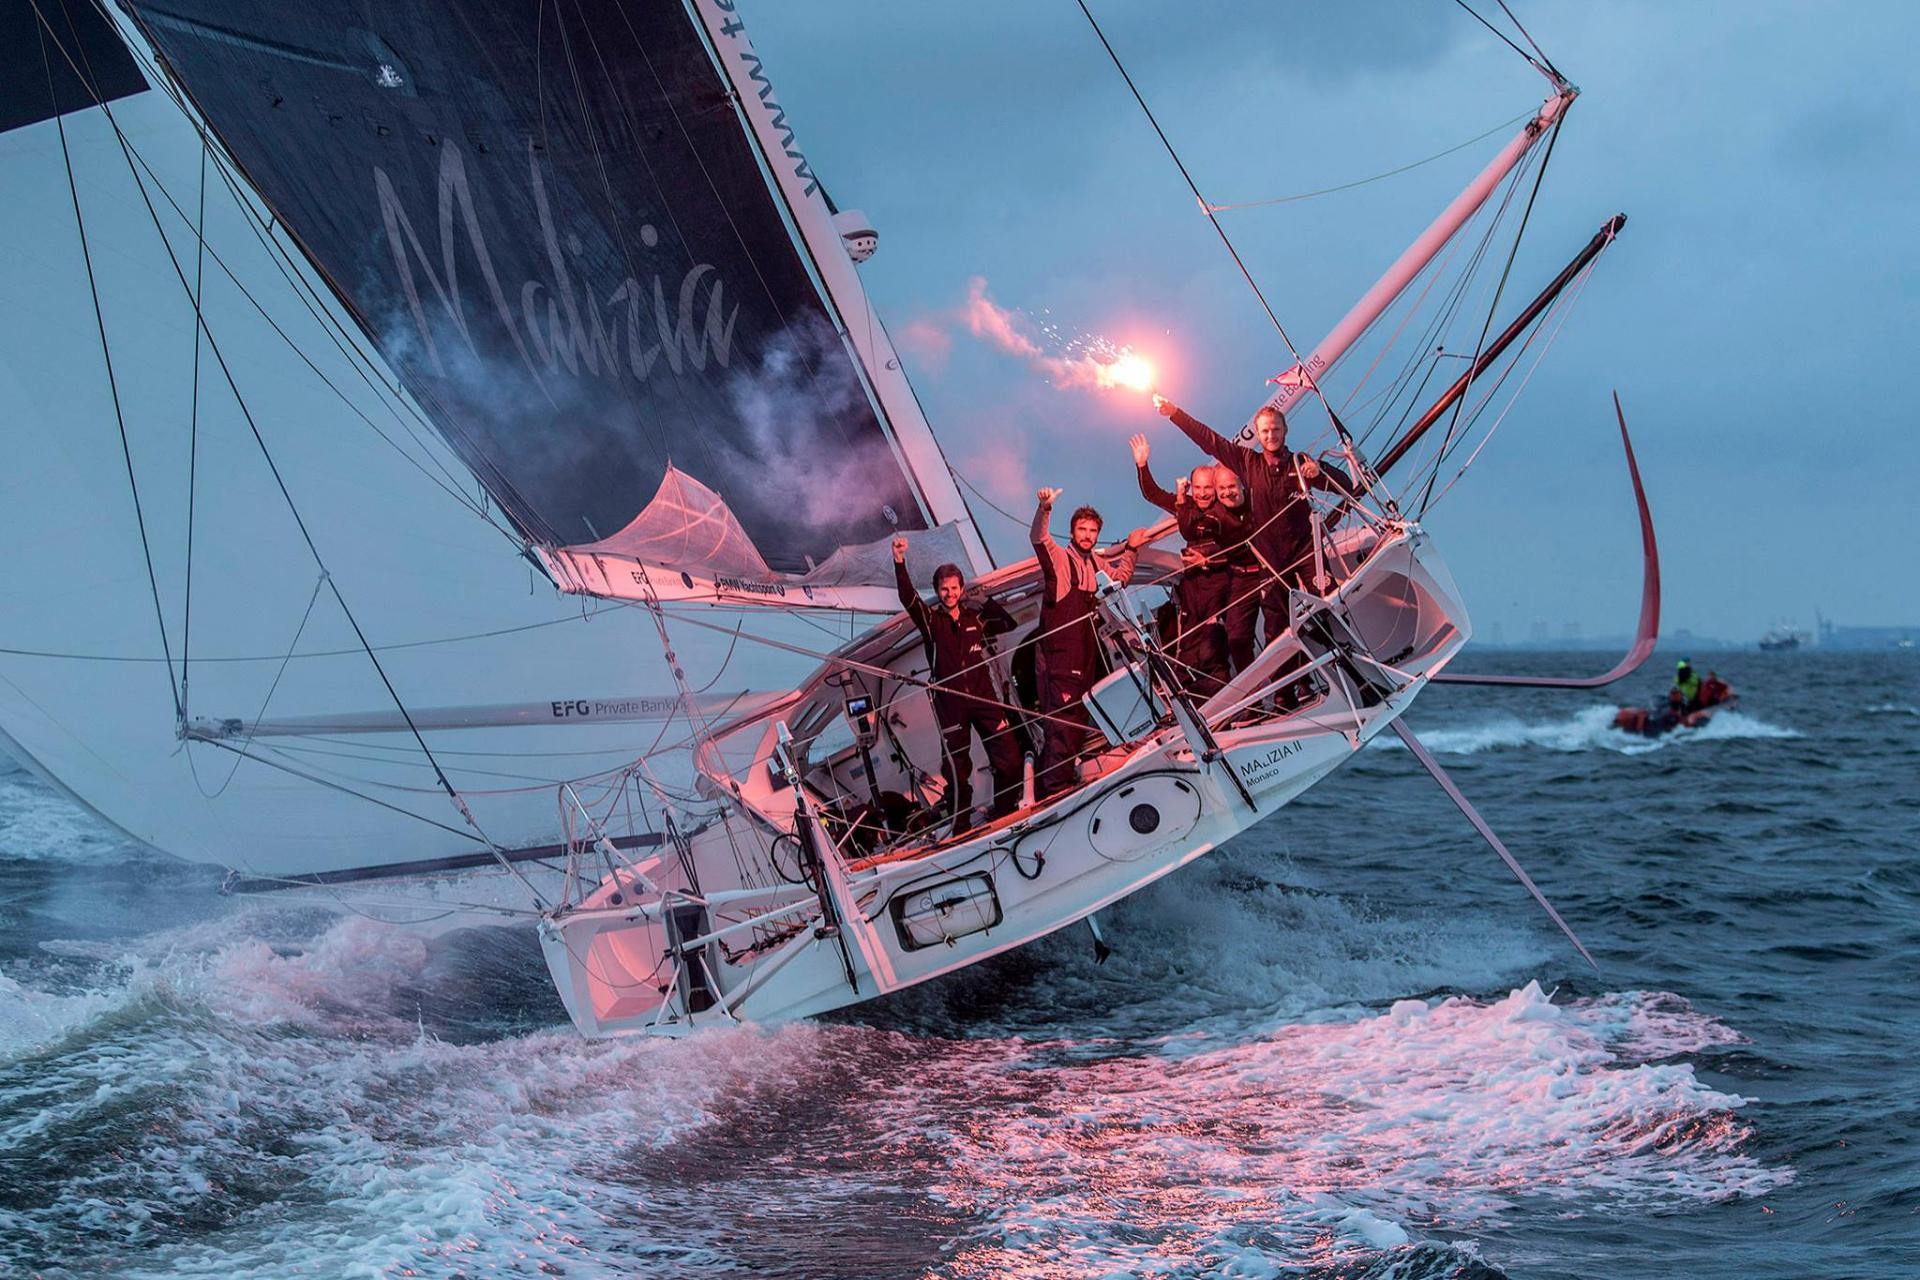 Malizia Wins Line Honours in the Atlantic Anniversary Regatta - NEWS - Yacht Club Costa Smeralda